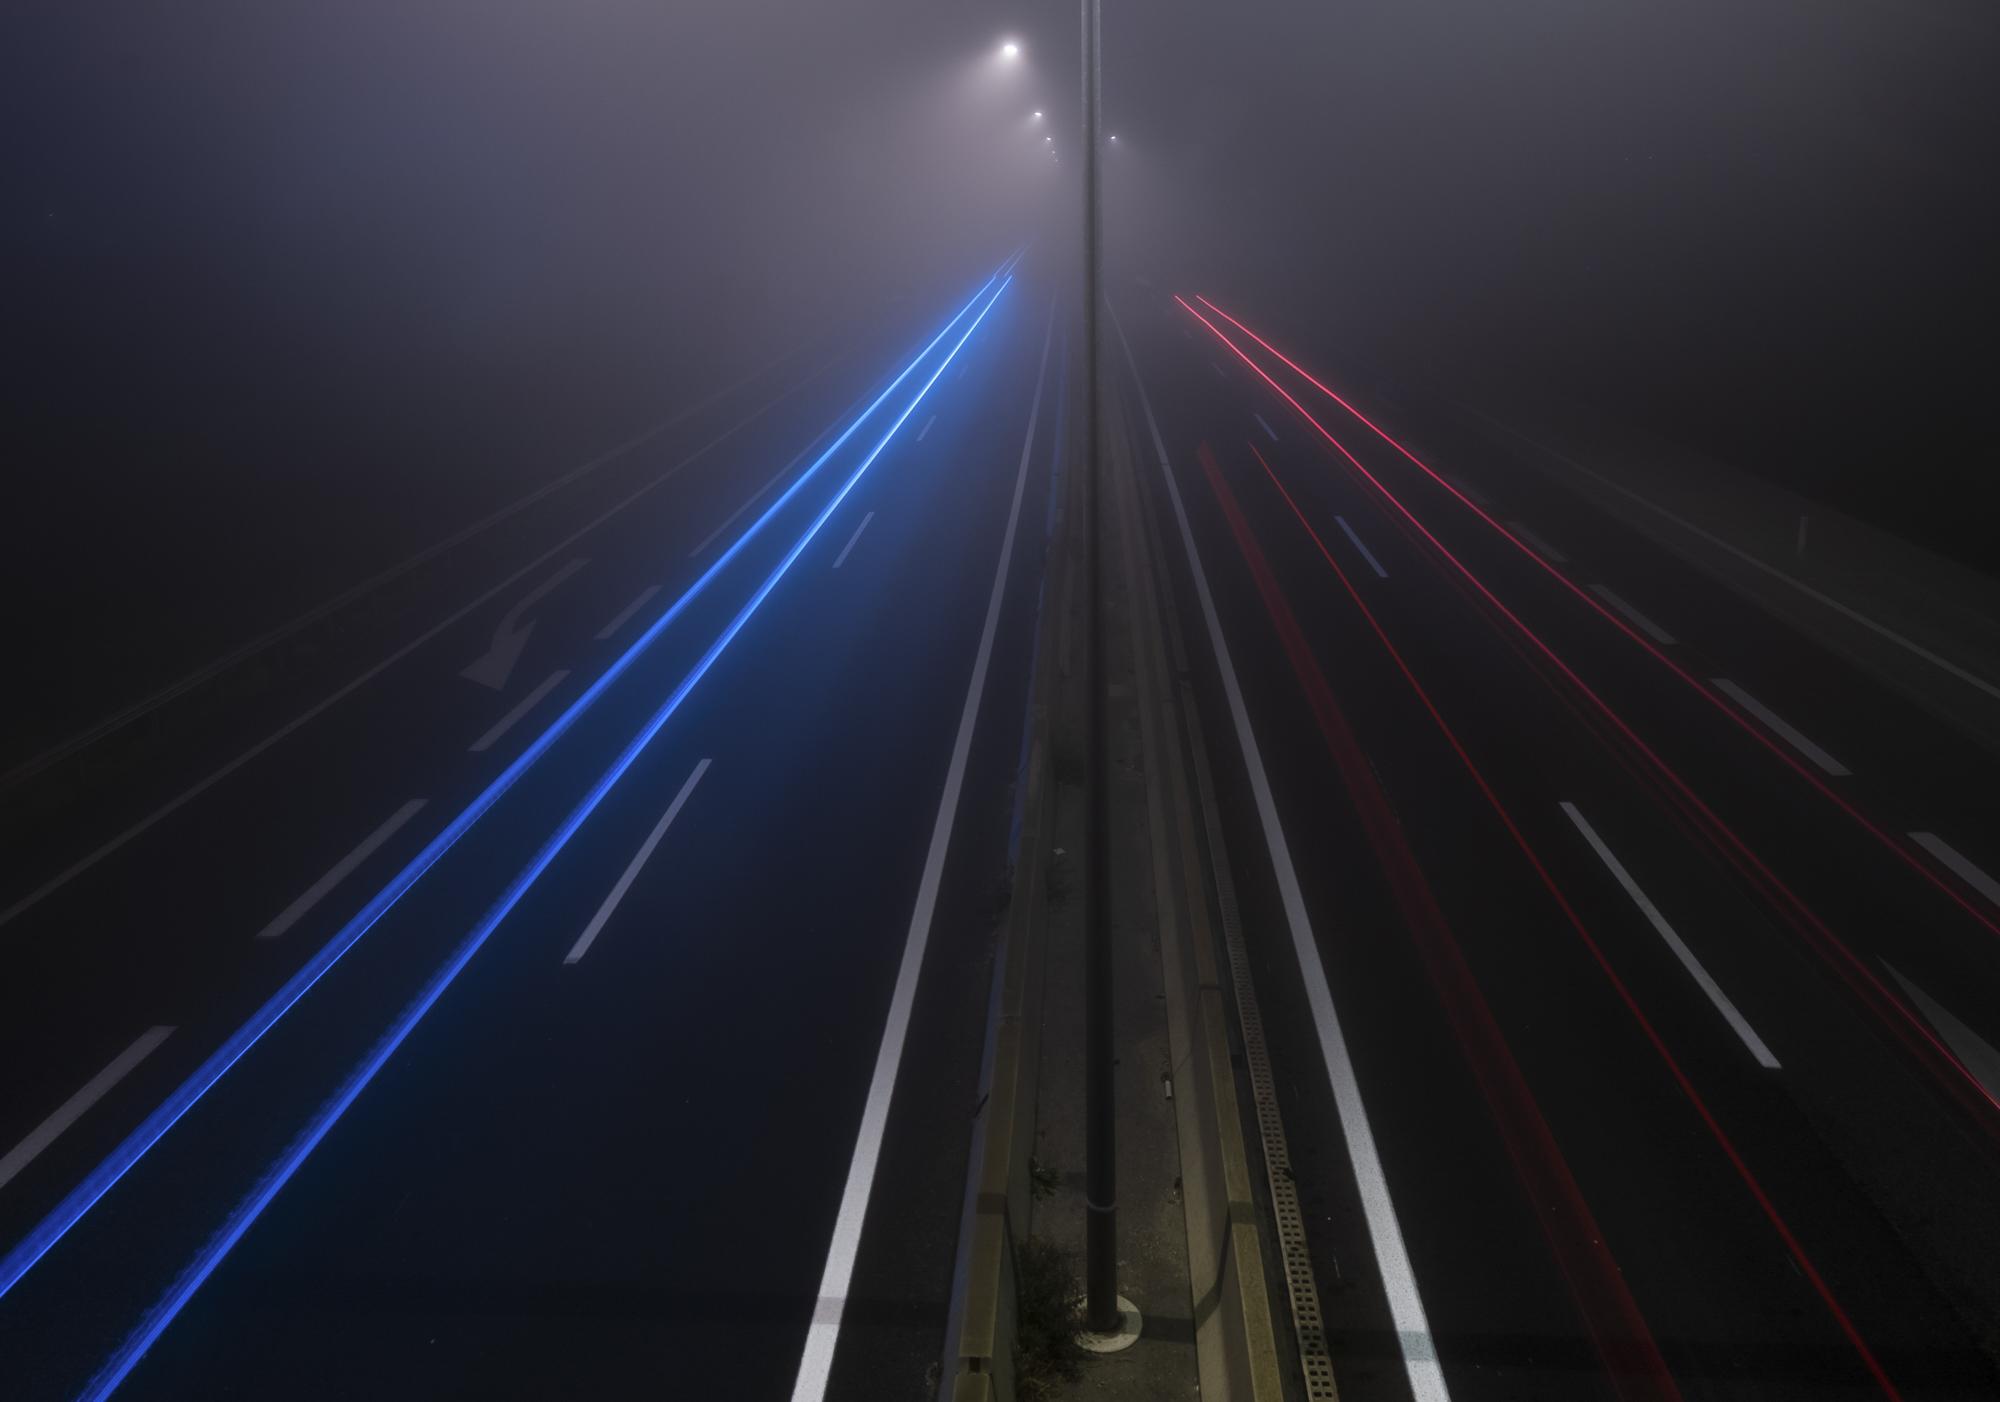 Licht Autobahn rot und blau